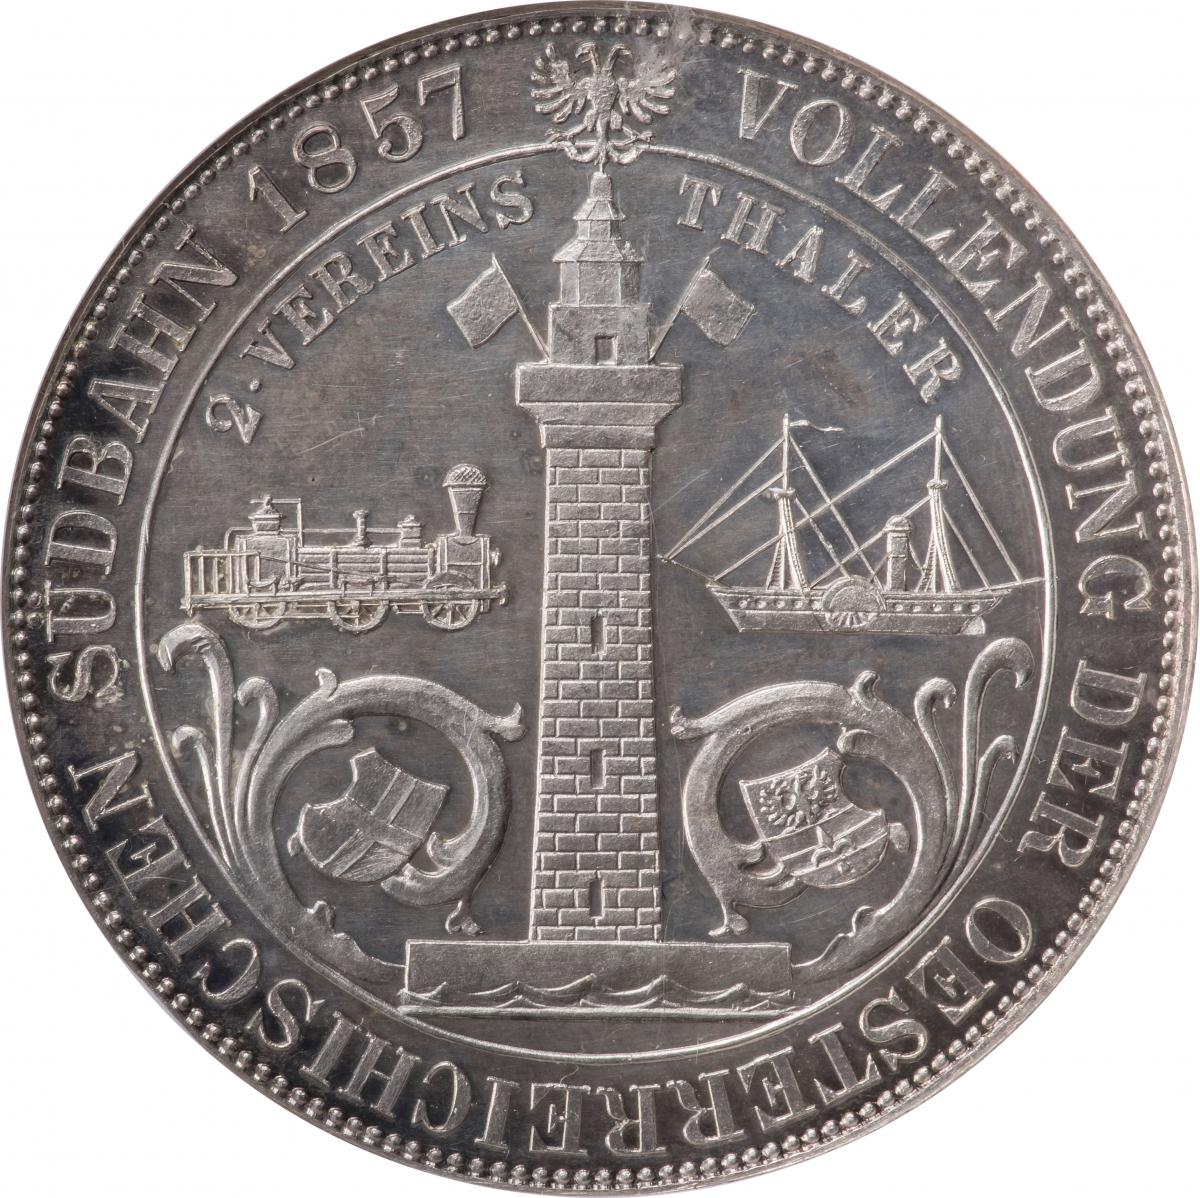 オーストリア ウィーン・トリエステ 南部鉄道開通記念 2テーラー銀貨 ...